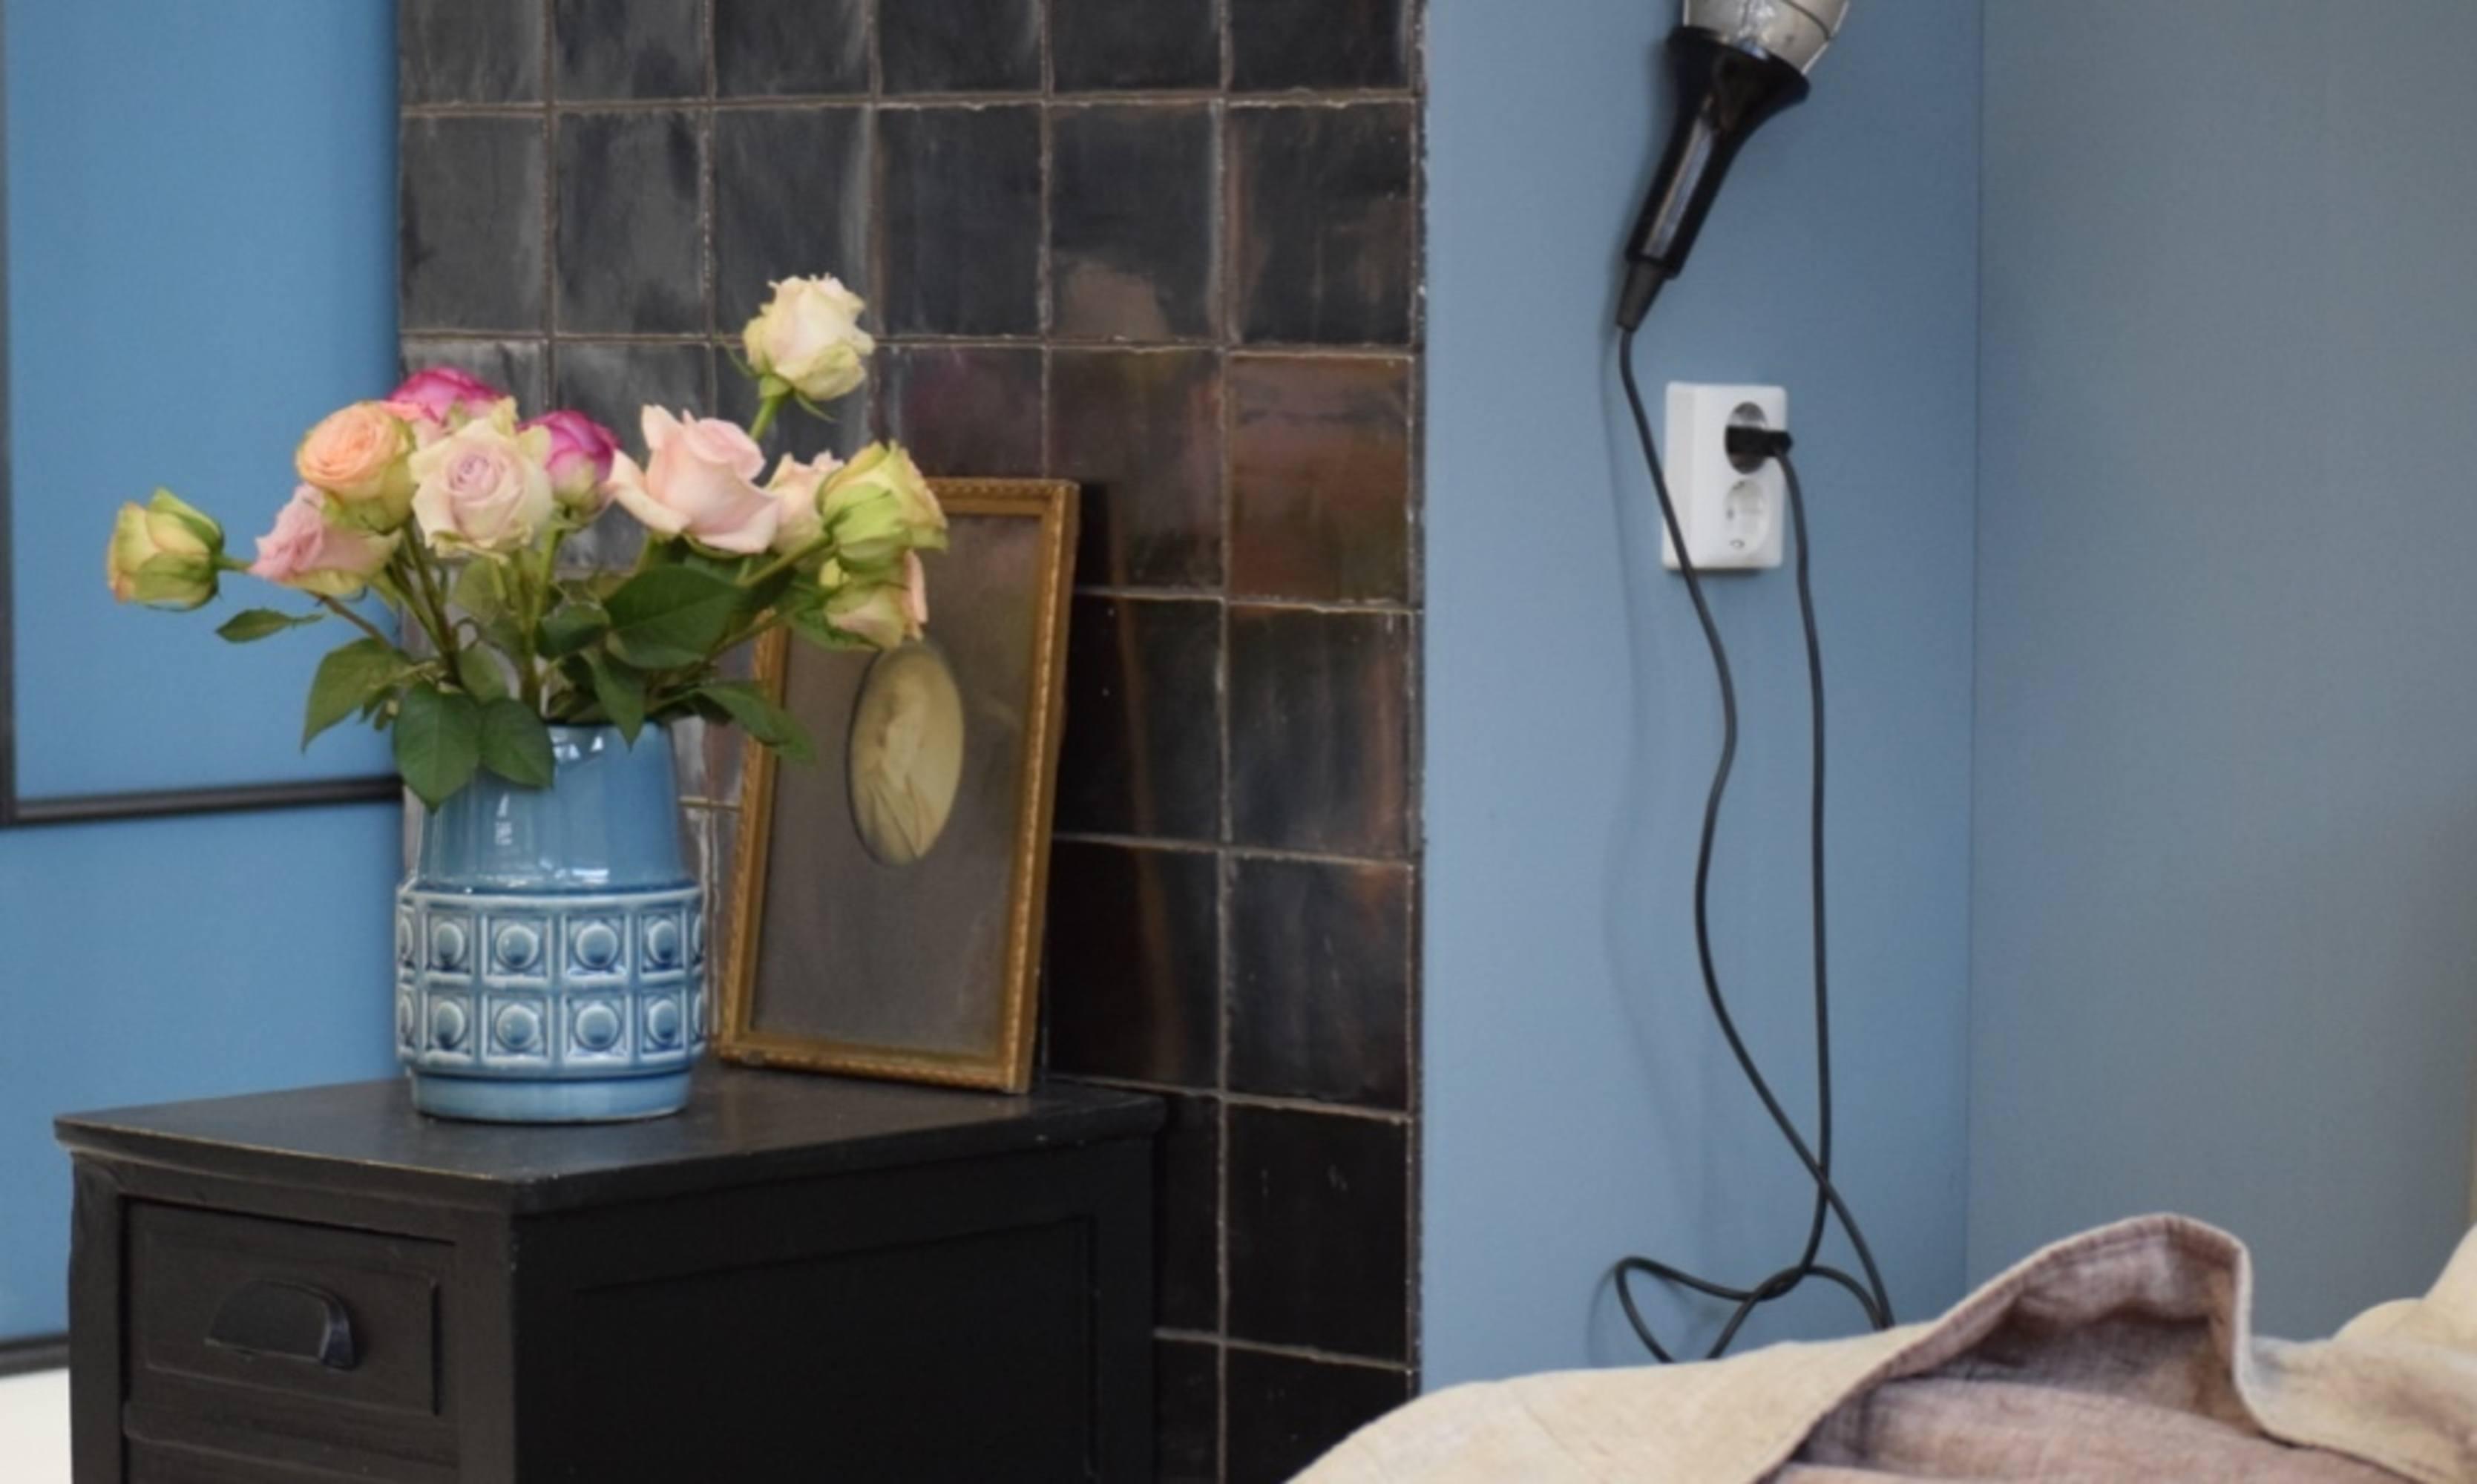 Kleur trends - vt wonen en design beurs - Maison Belle - Interieuradvies